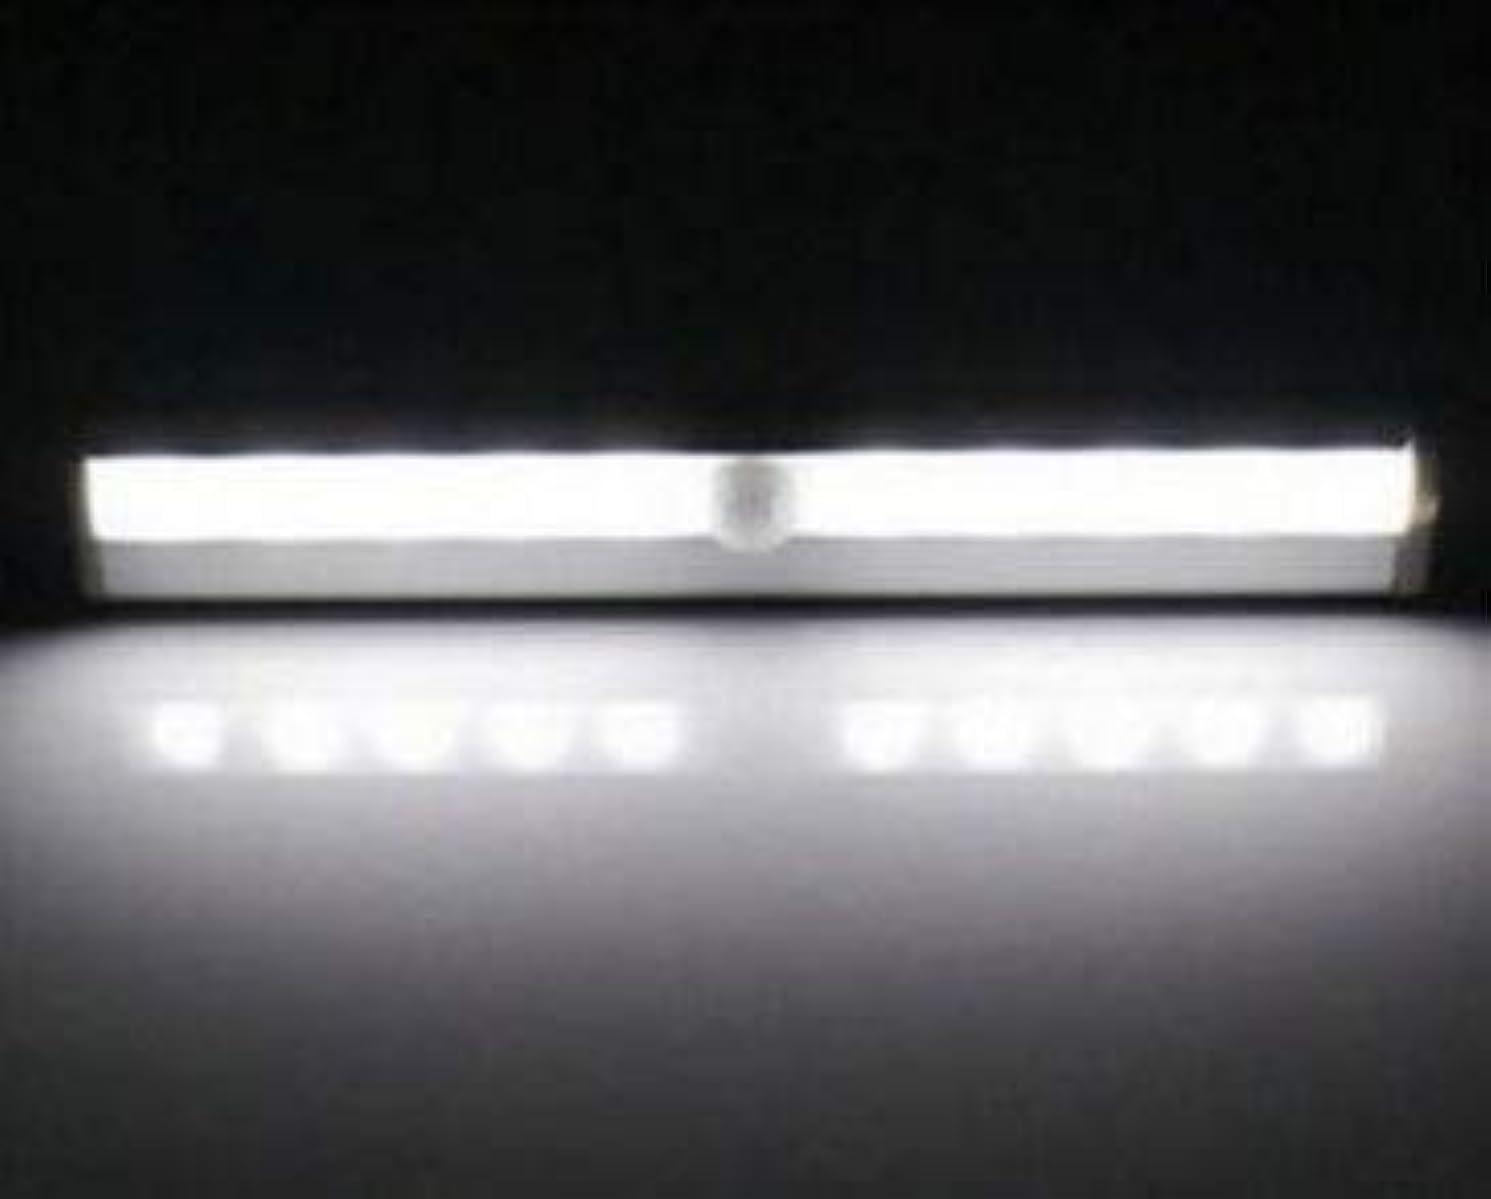 フェローシップ体ライバルGEMORE内閣人間の赤外線センサーランプ、廊下夜の光、光制御体誘導灯10LED充電式ワードローブ (Color : White light)